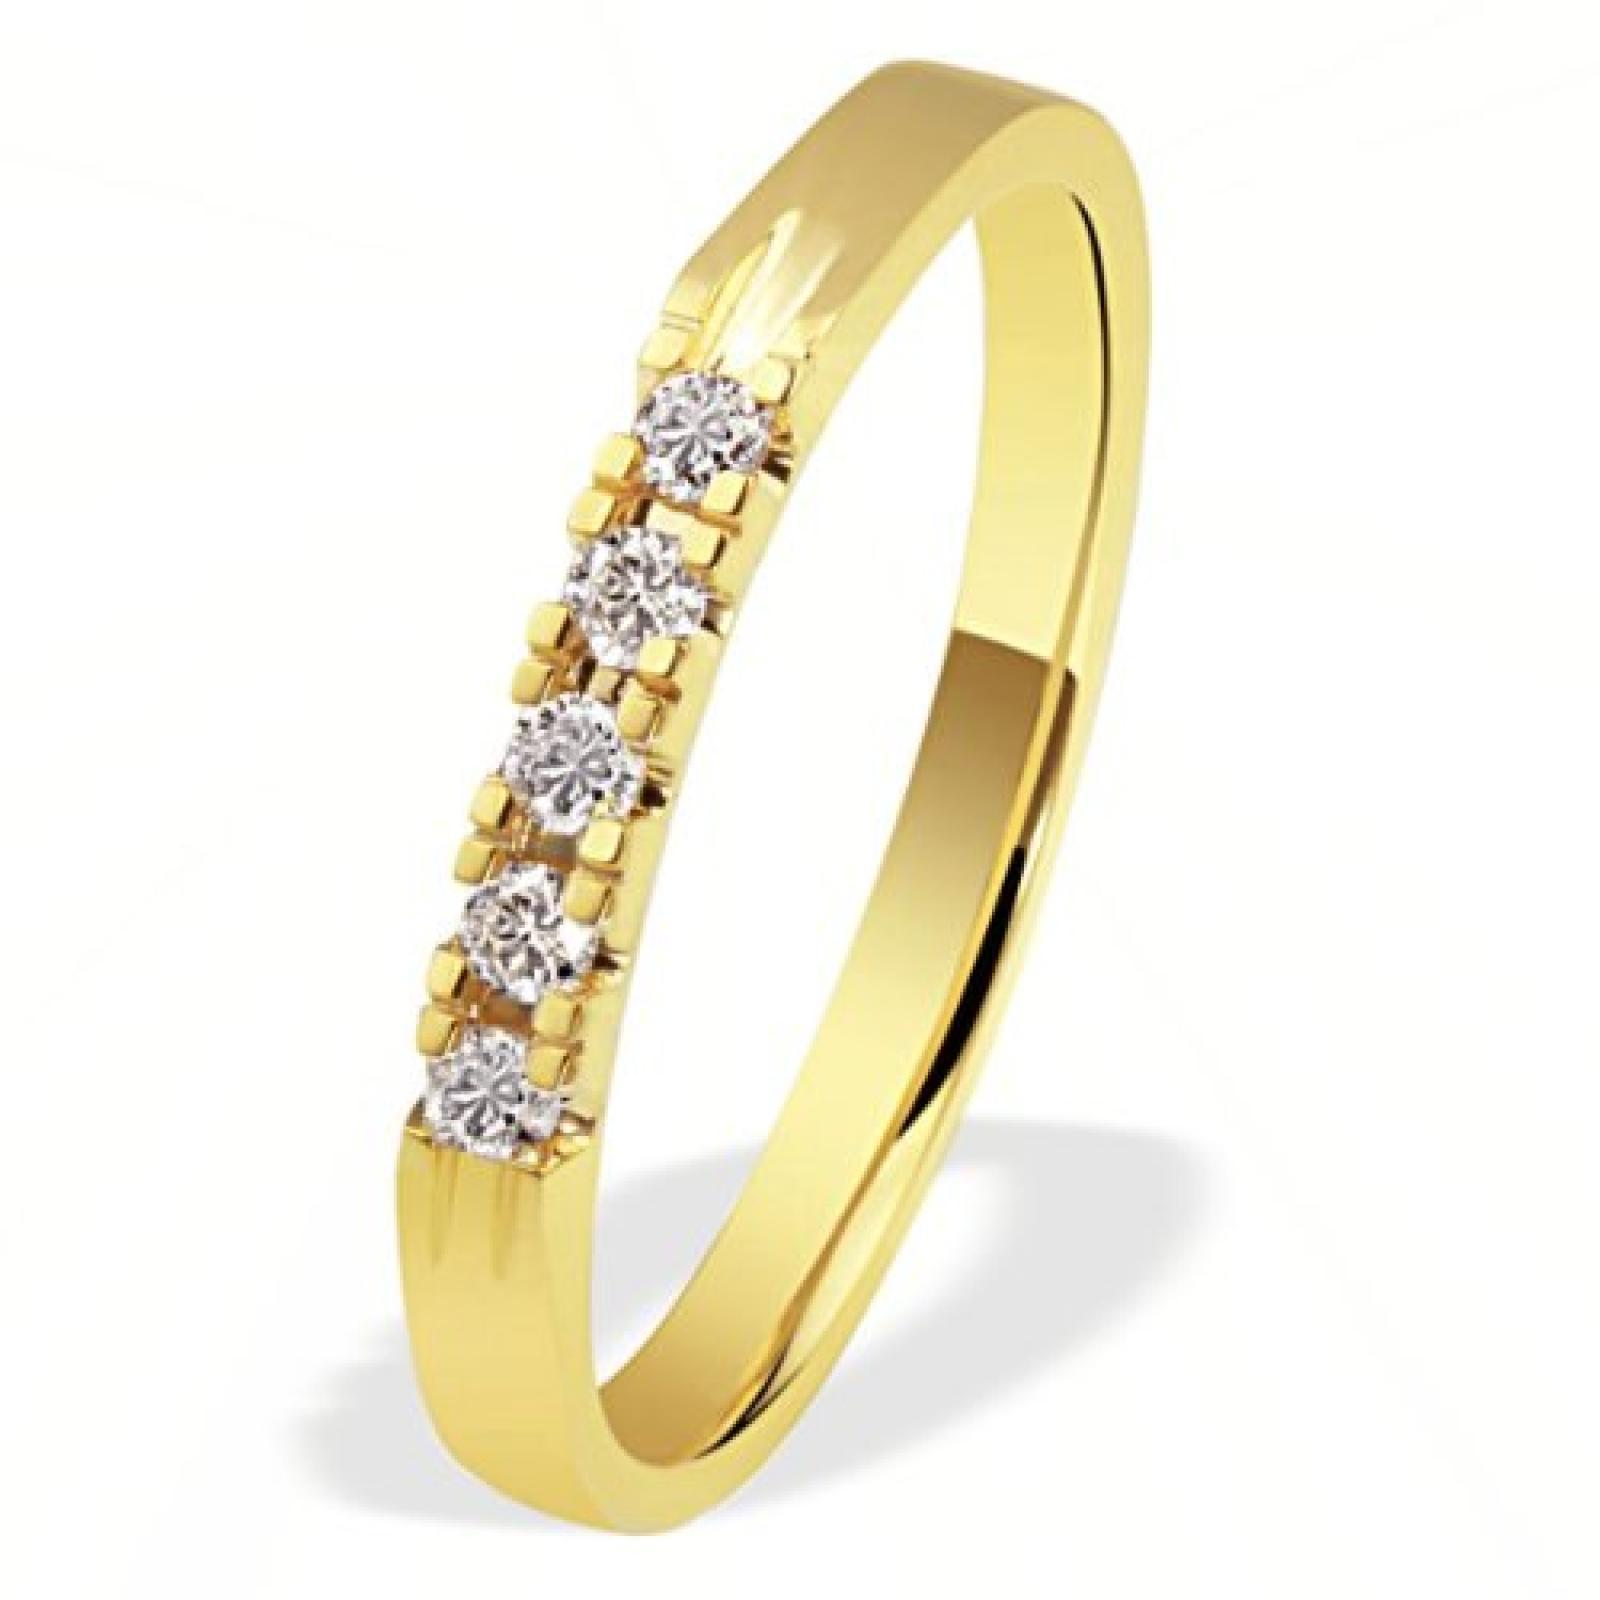 Goldmaid Ring 585 Gelbgold 5 Brillanten 0,15ct Memoire Me